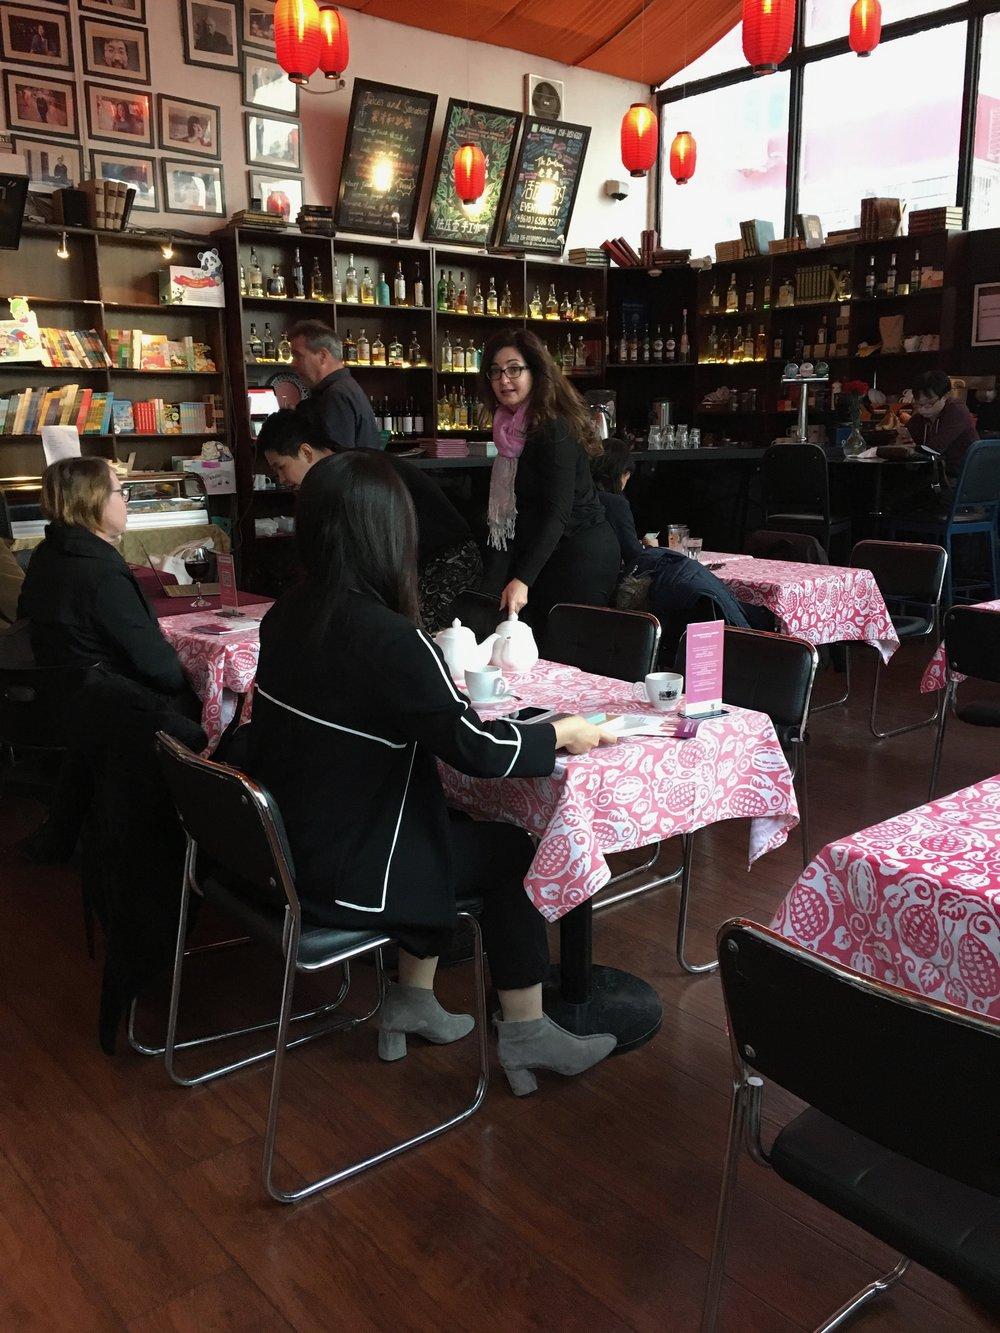 The Beijing Bookworm